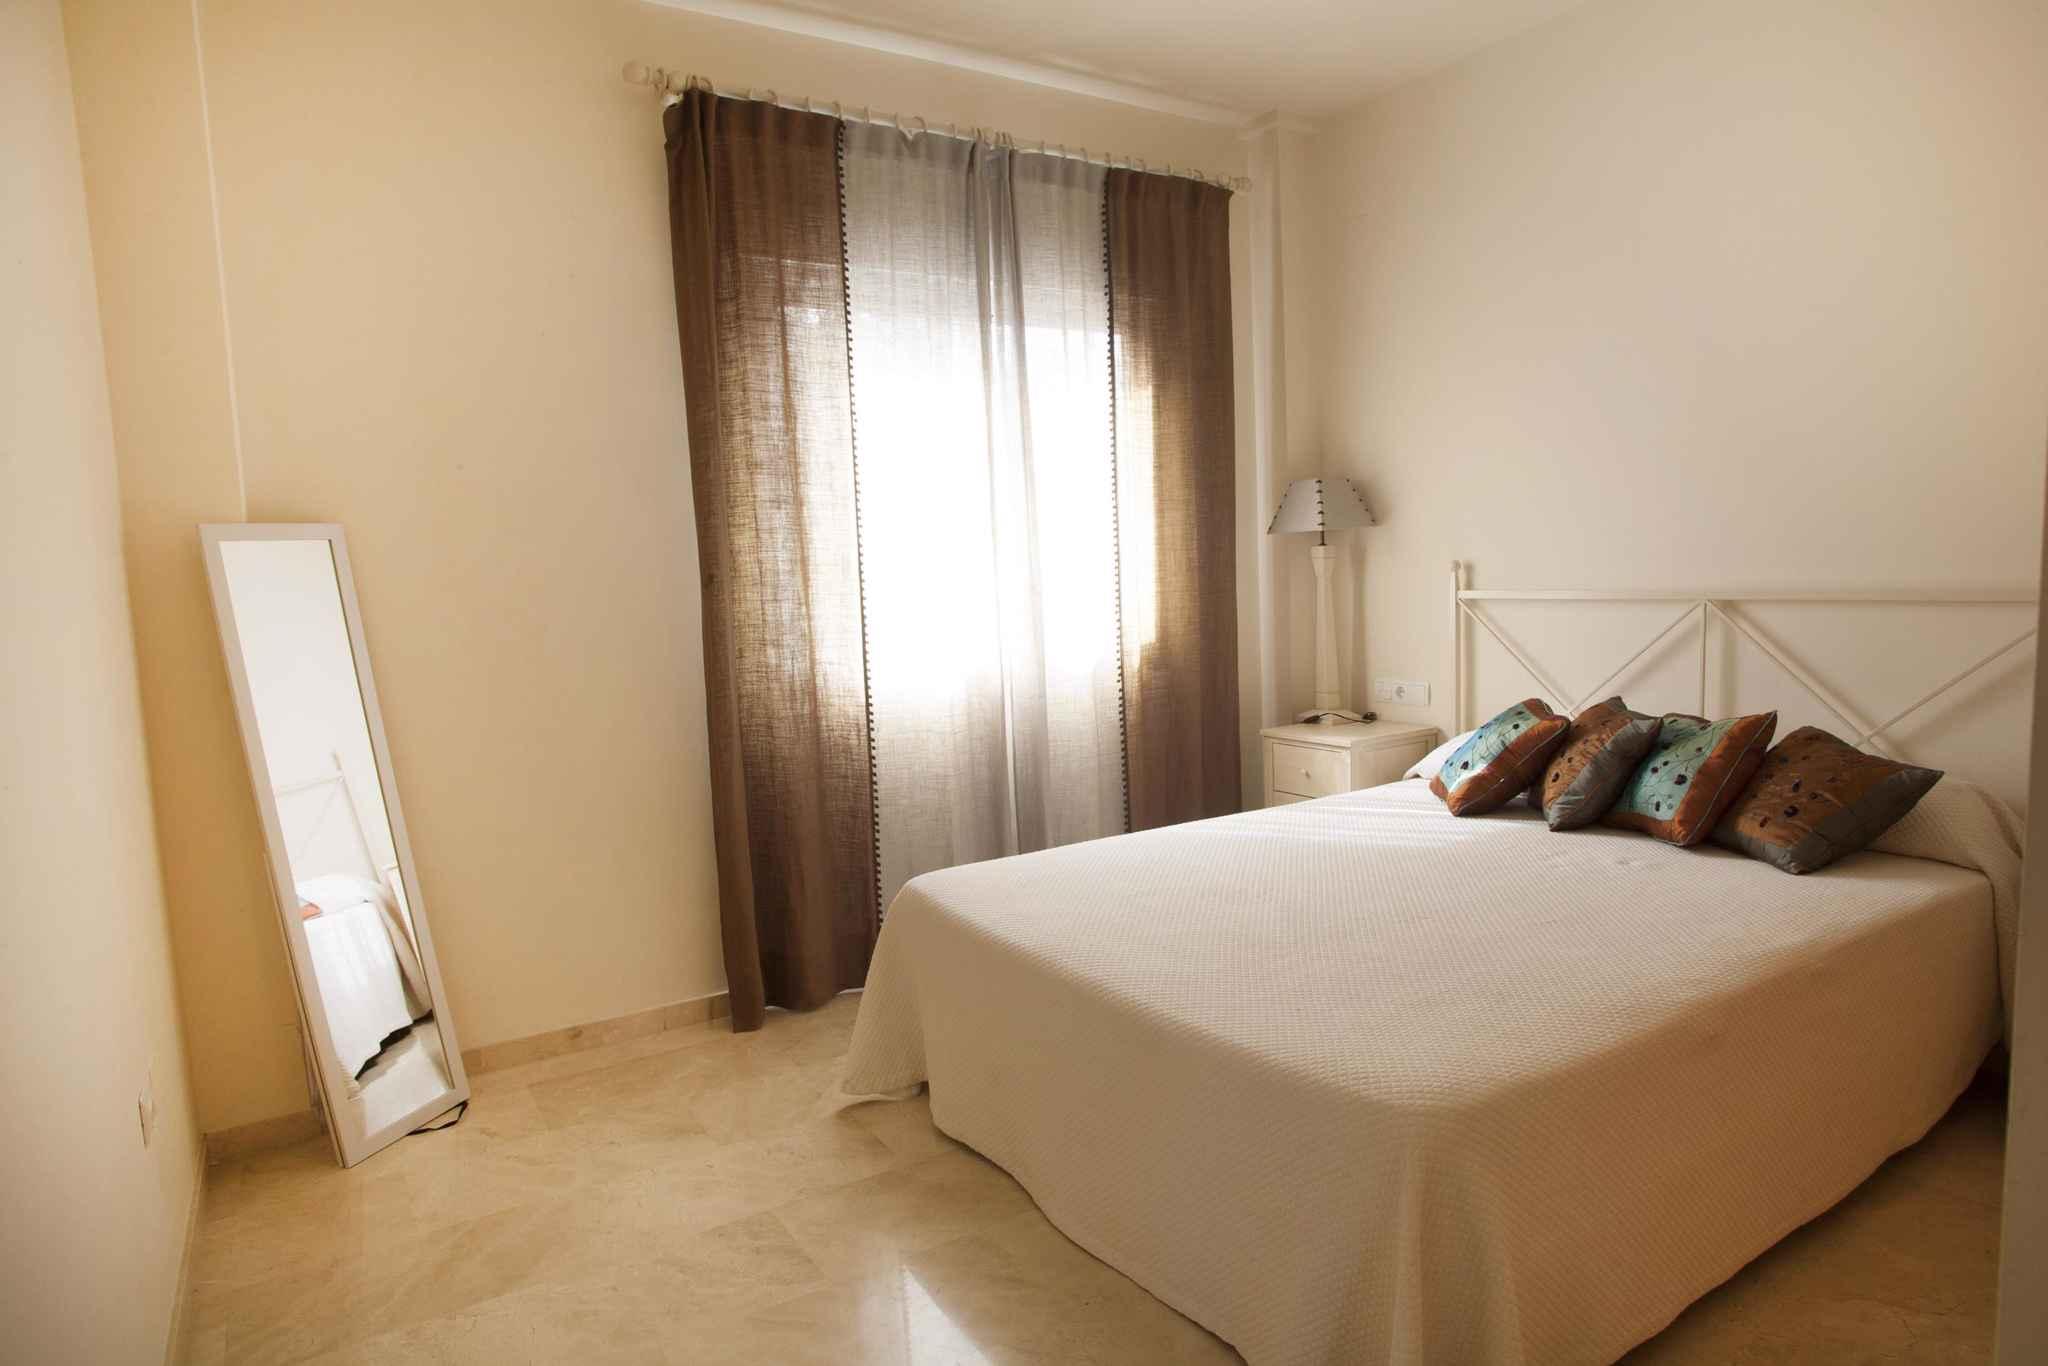 Ferienwohnung in Residence Bellavista (586751), Pego, Costa Blanca, Valencia, Spanien, Bild 21